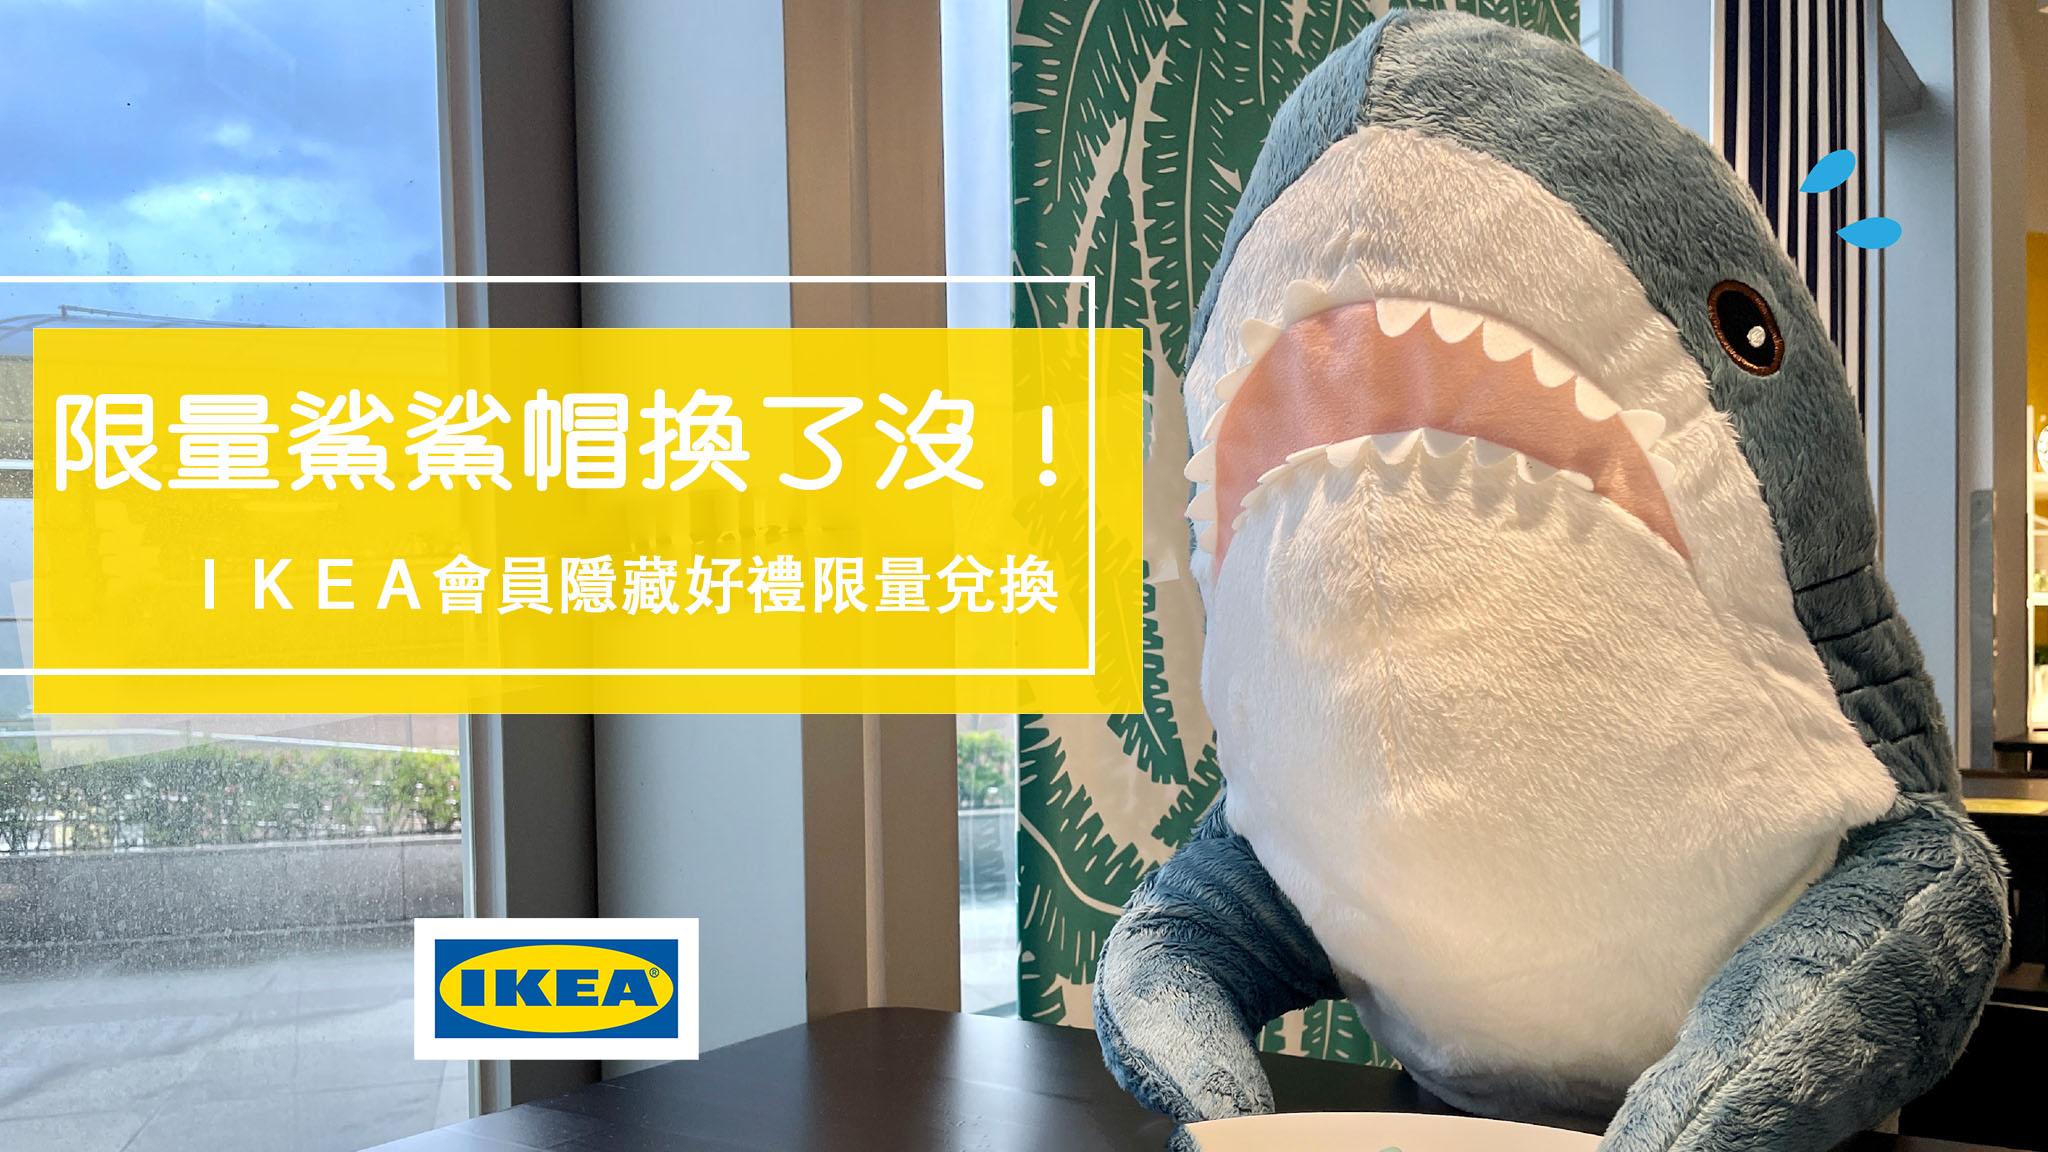 延伸閱讀:☆【宜家】IKEA鯊鯊帽換了嗎?2021隱藏版會員禮8/19開換